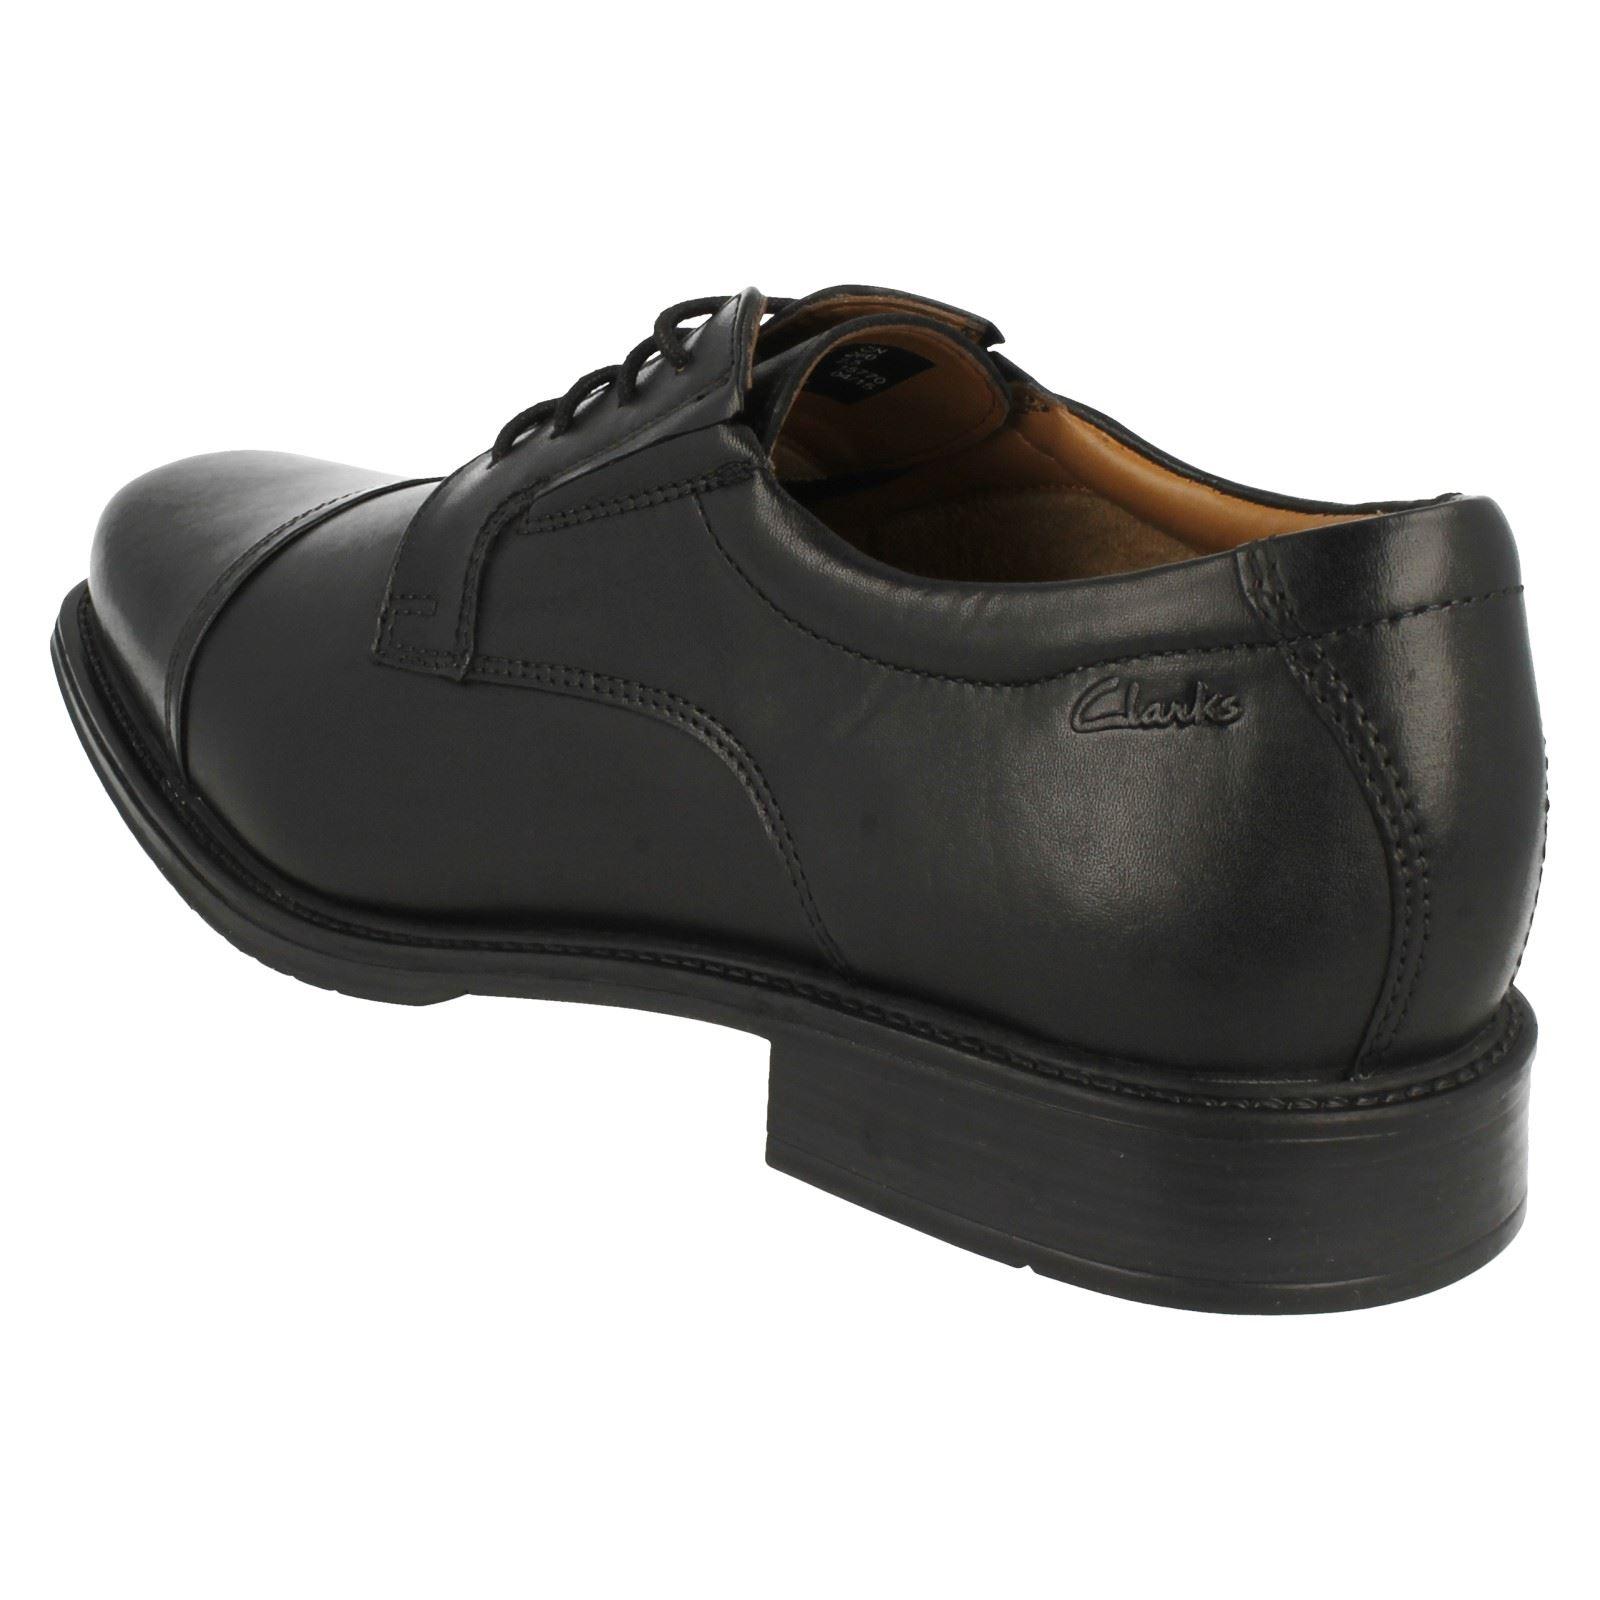 Cordones Gorra Con Hombre Clarks Zapatos Driggs q0W47X